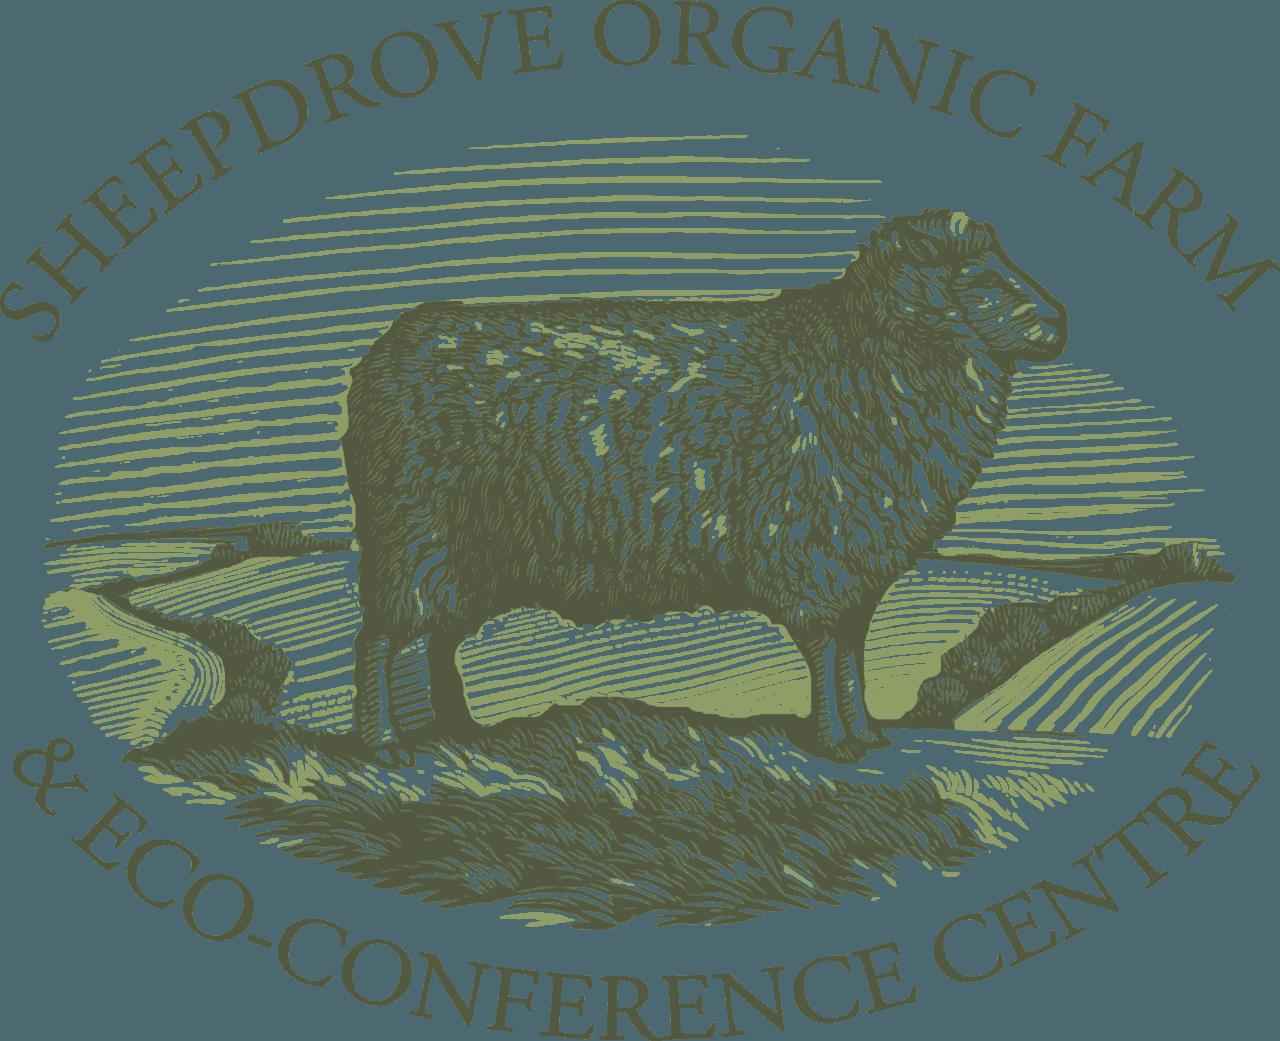 The Sheepdrove Trust